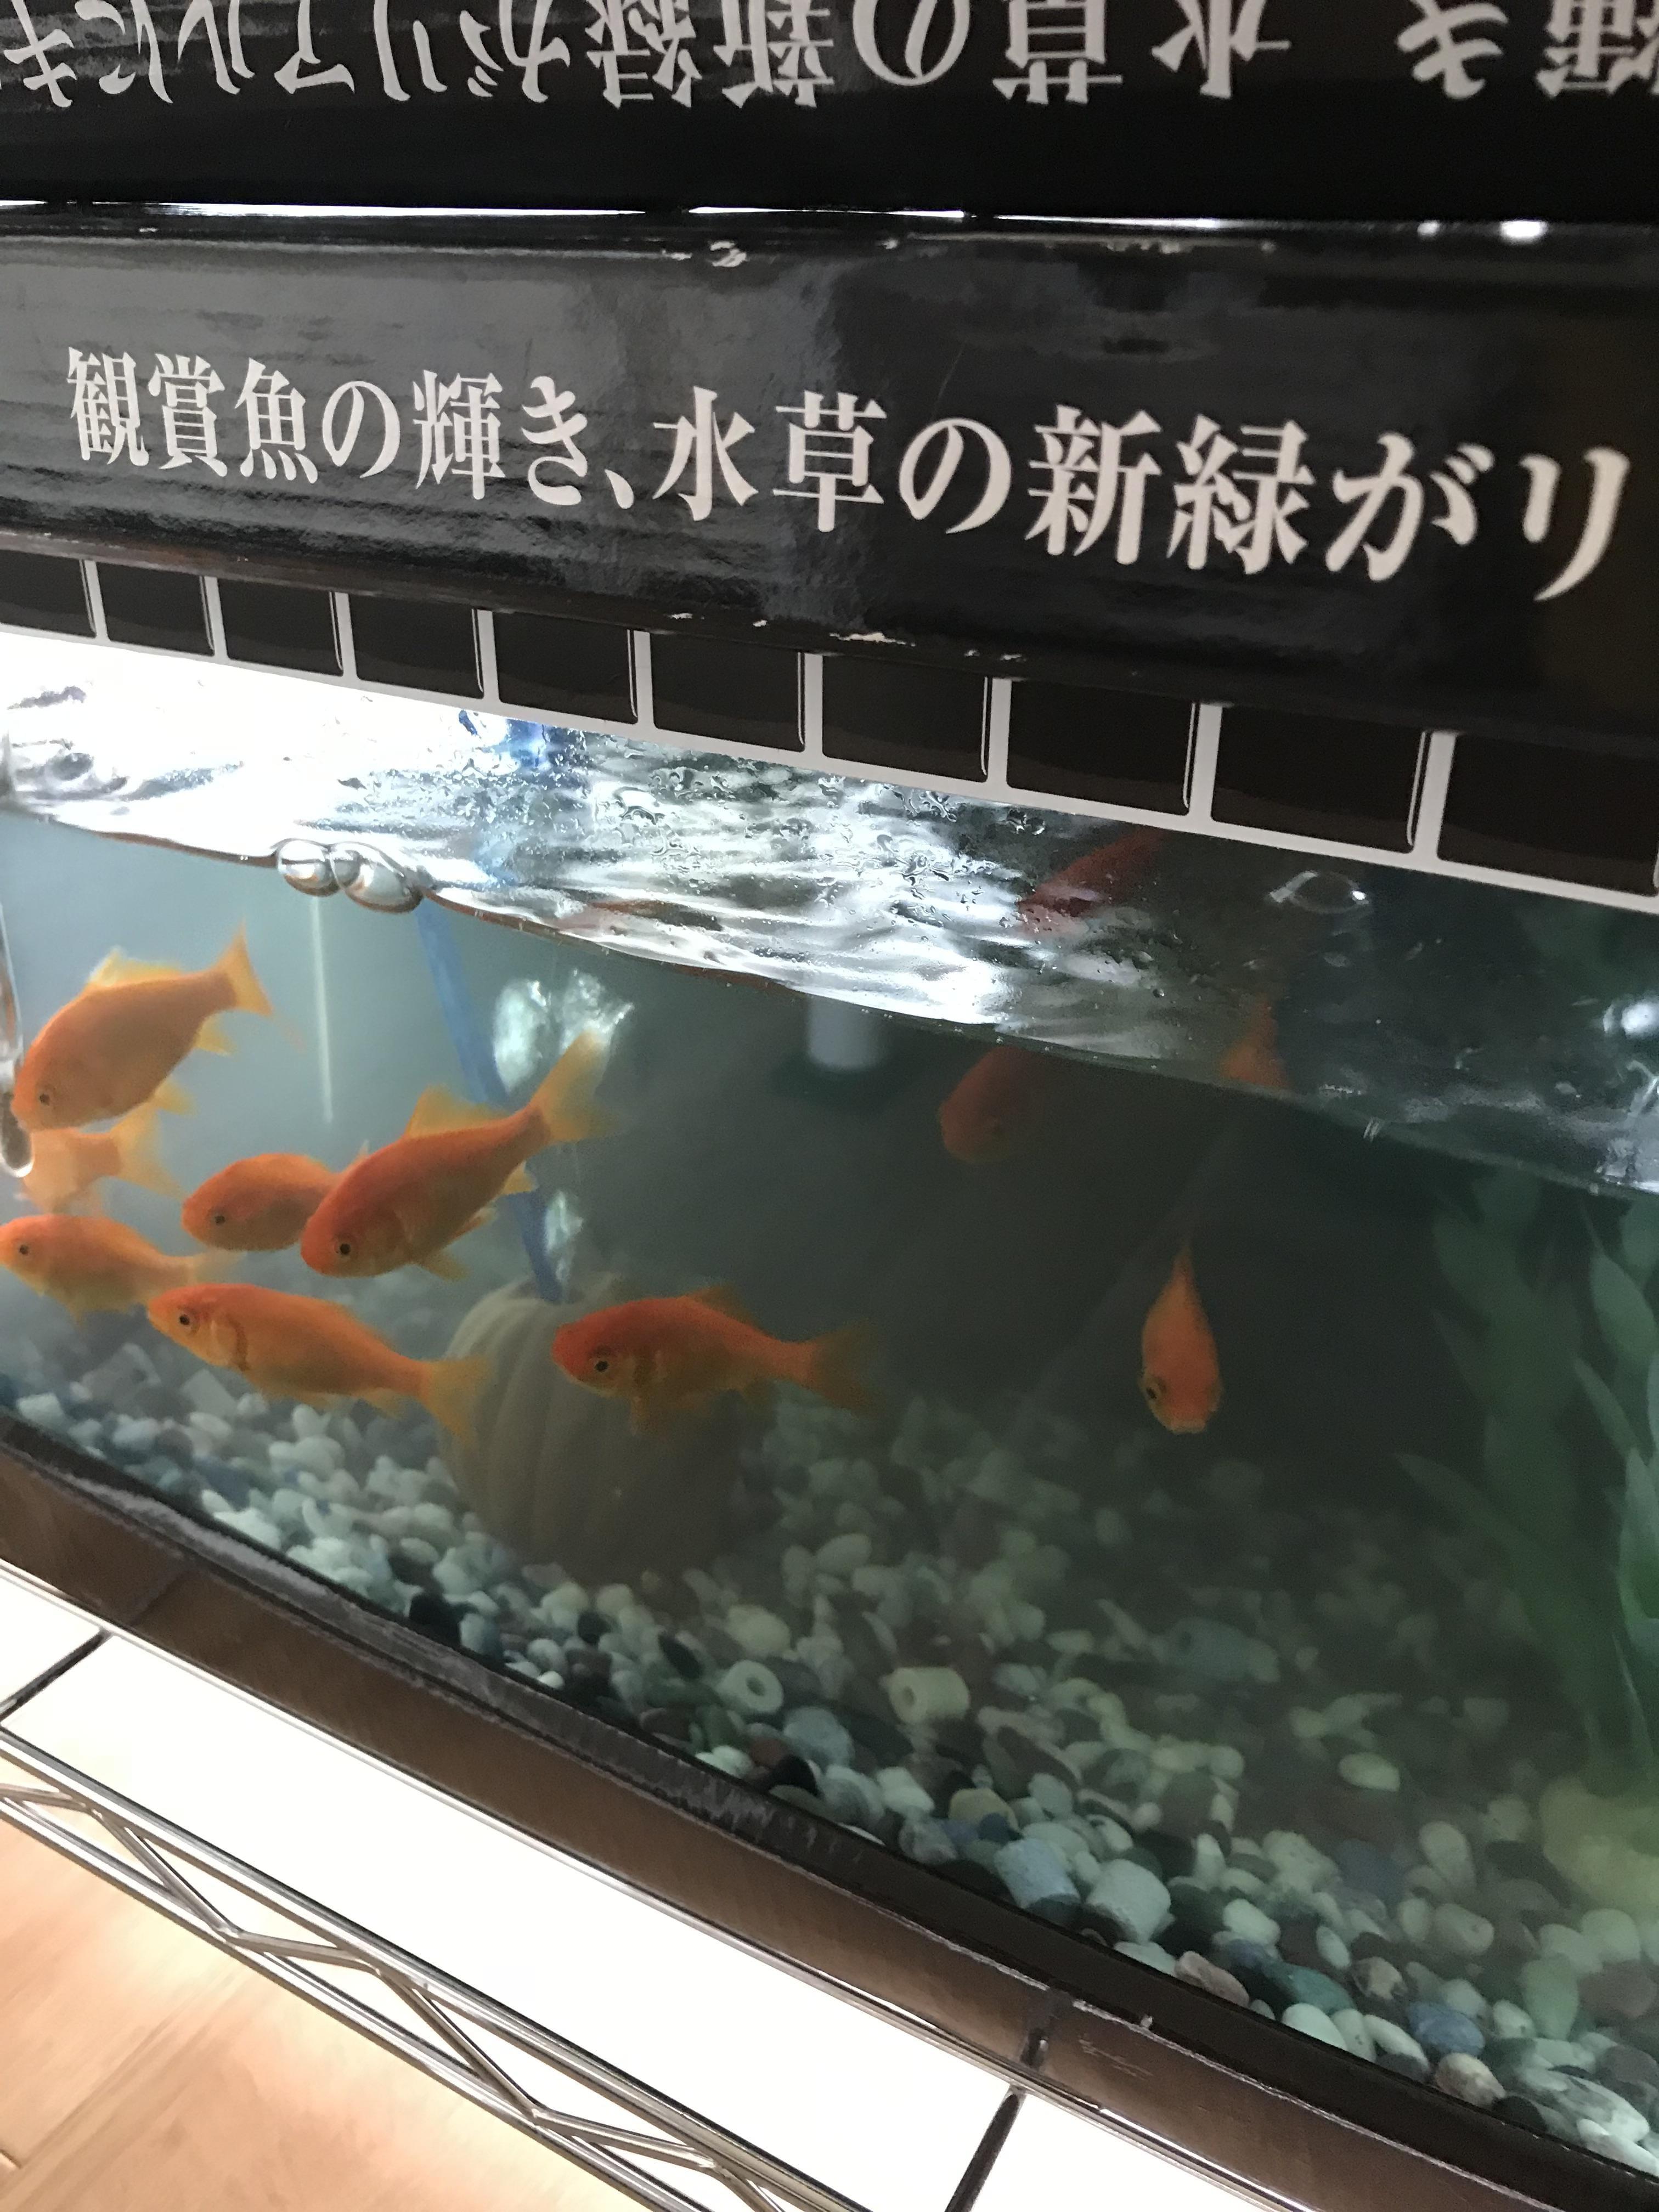 「こんにちは(^O^)」05/24(木) 12:12   ことみの写メ・風俗動画